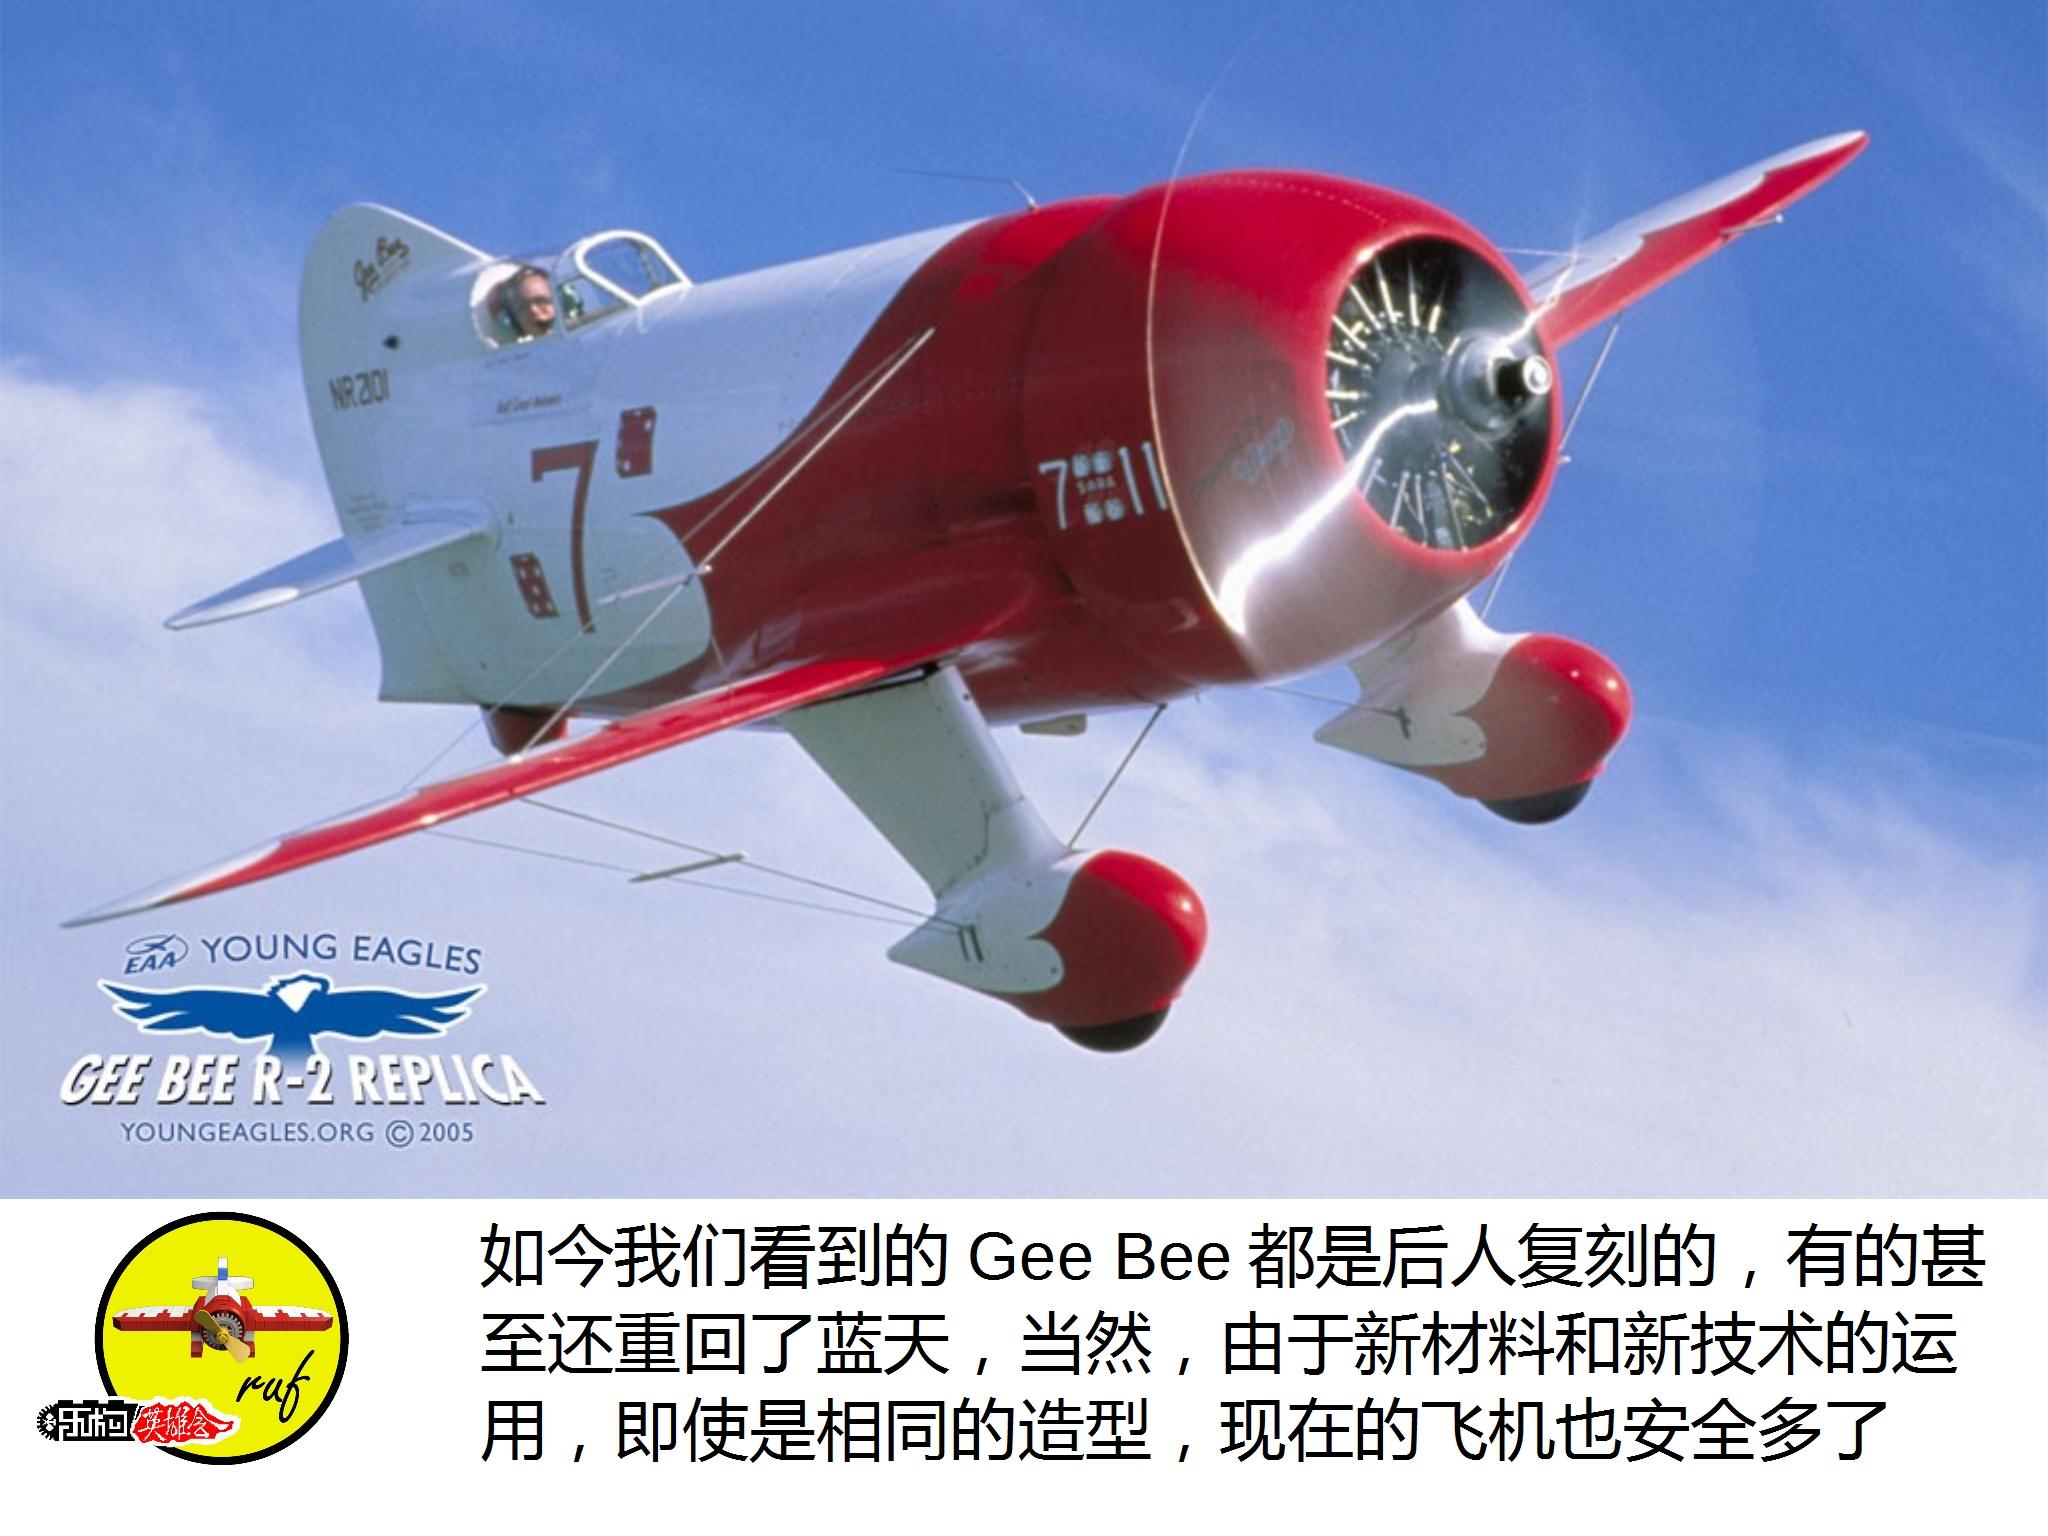 69 飞行器moc比赛活动专区 69 gee bee r-1 竞速飞机——纪念80年